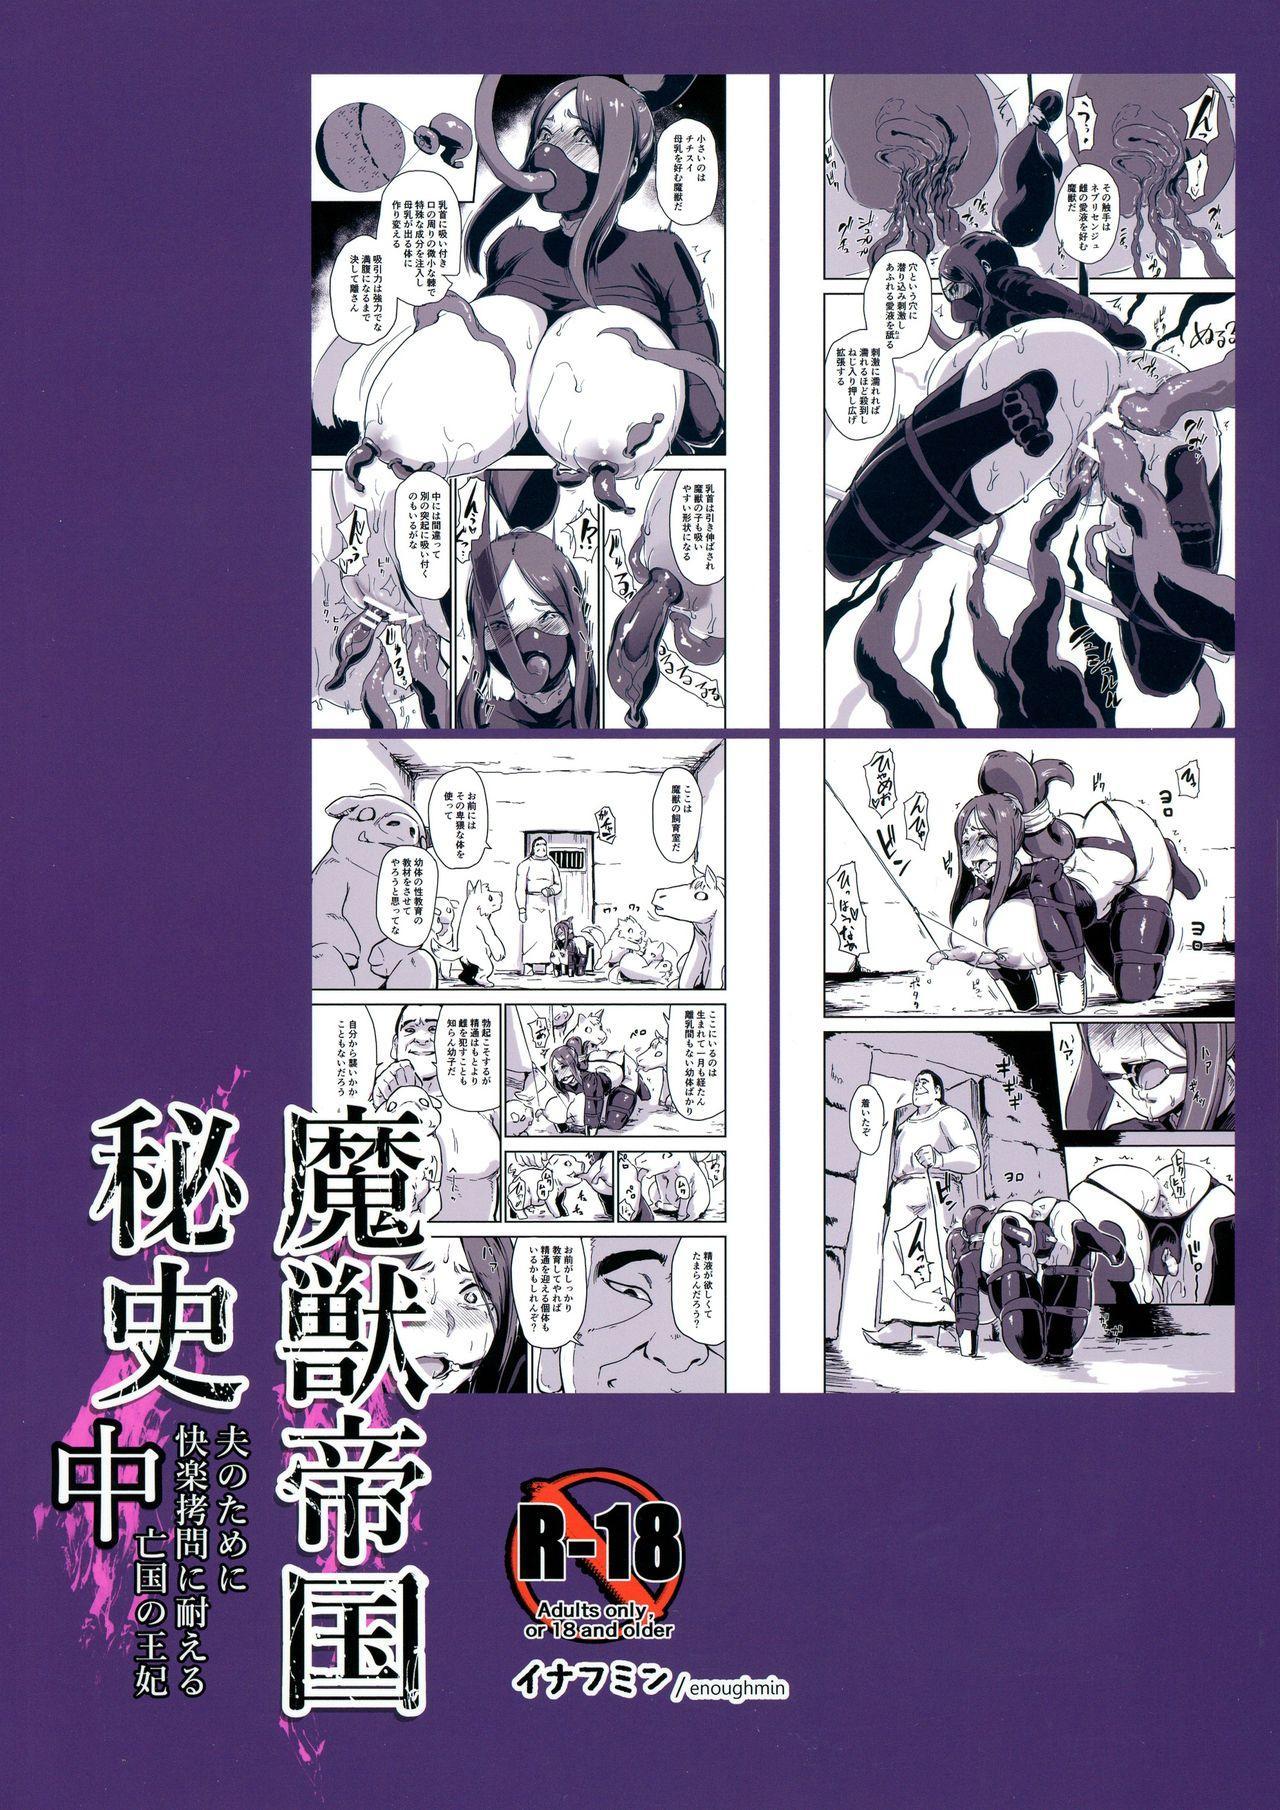 Majuu Teikoku Hishi-chuu Otto no Tame ni Kairaku Goumon ni Taeru Boukoku no Ouhi 1